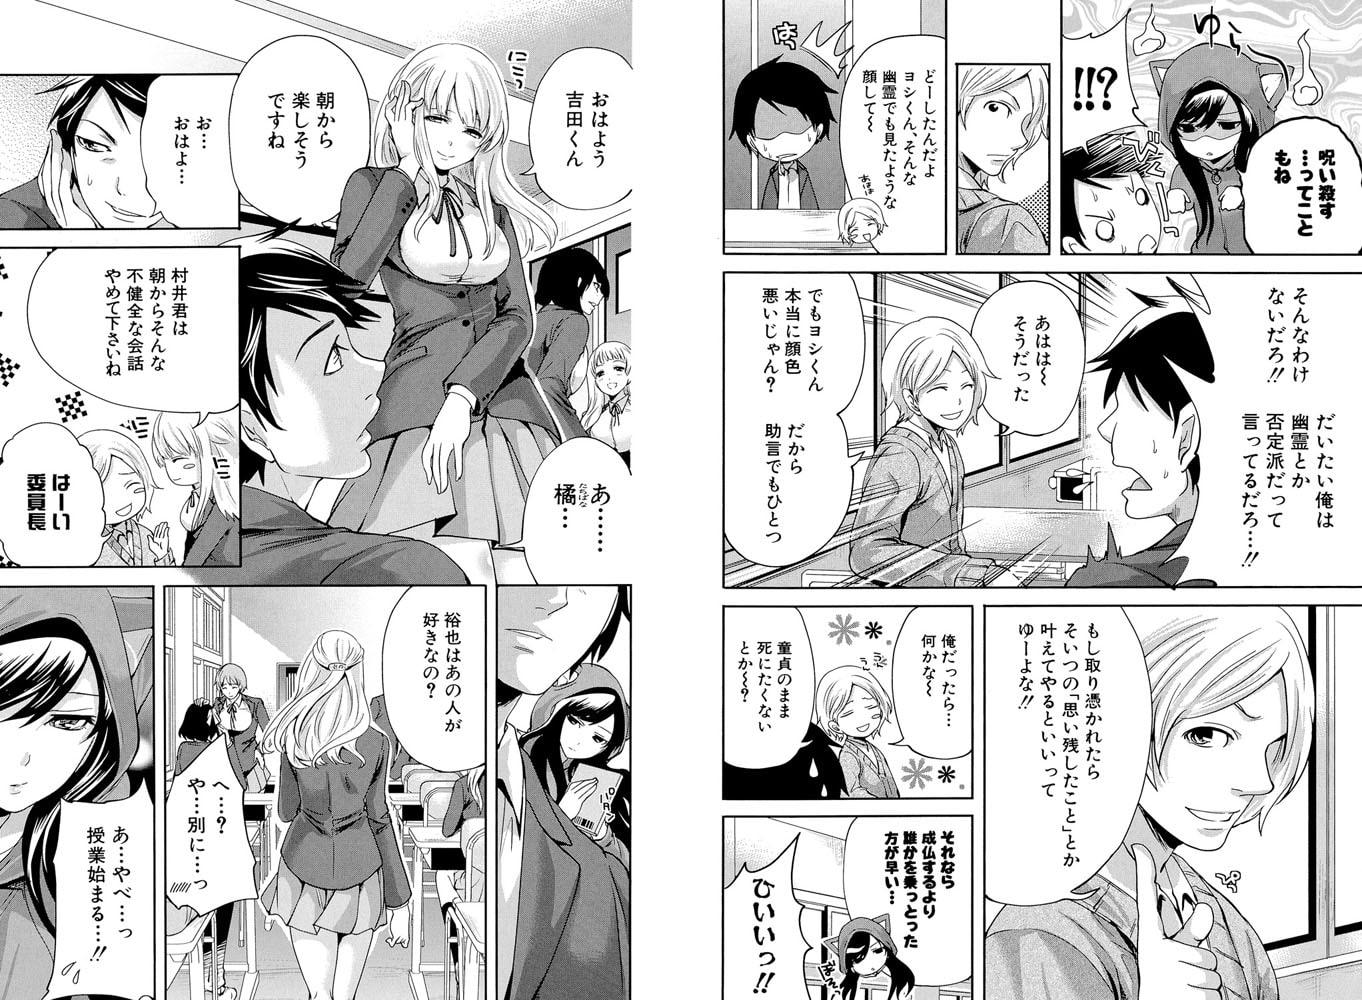 【ティーアイネット】宮原歩先生 2冊パック(202005)